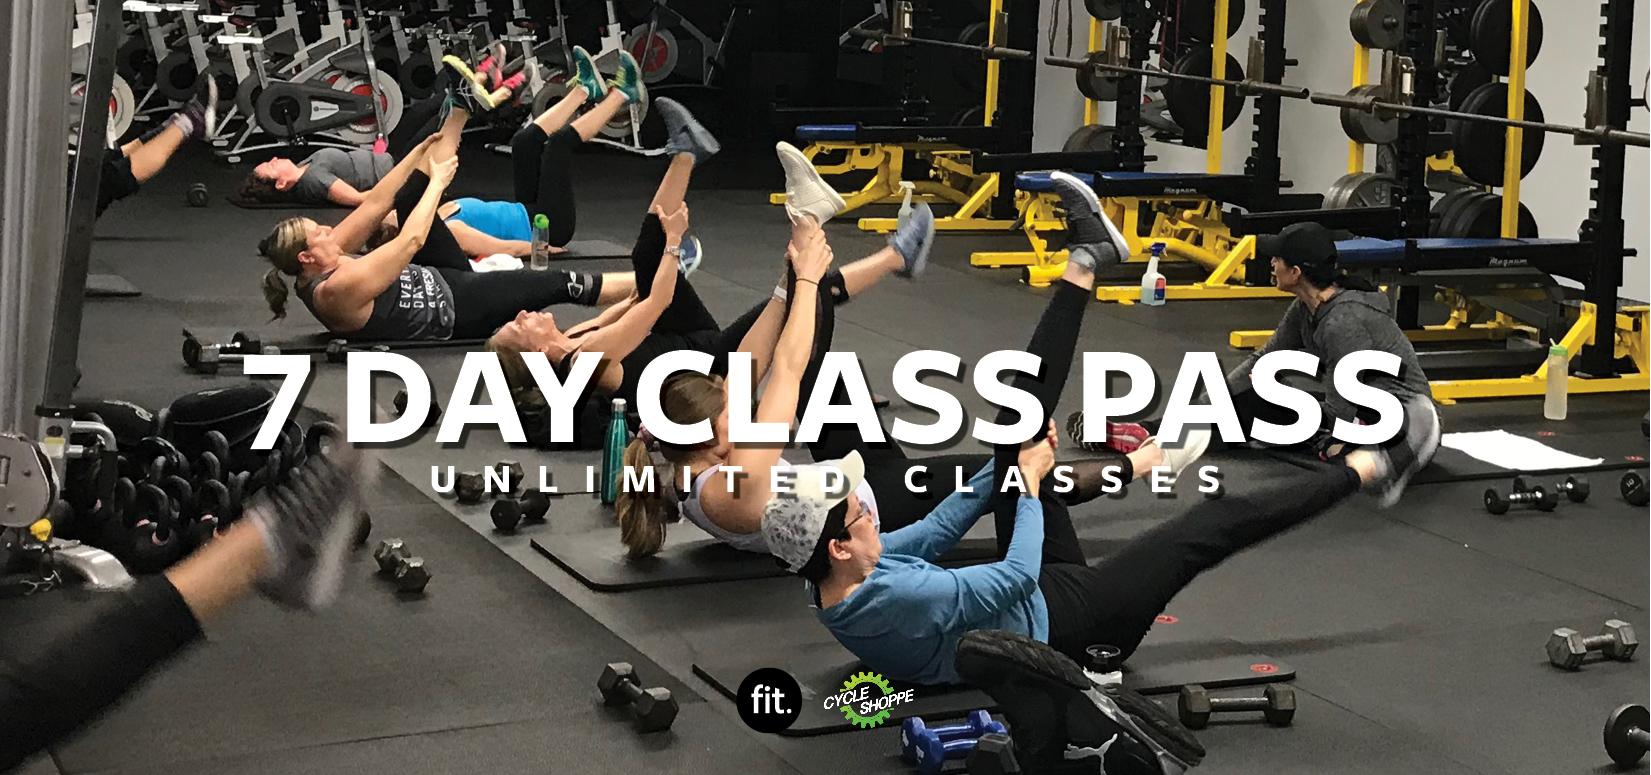 7 day class pass.jpg